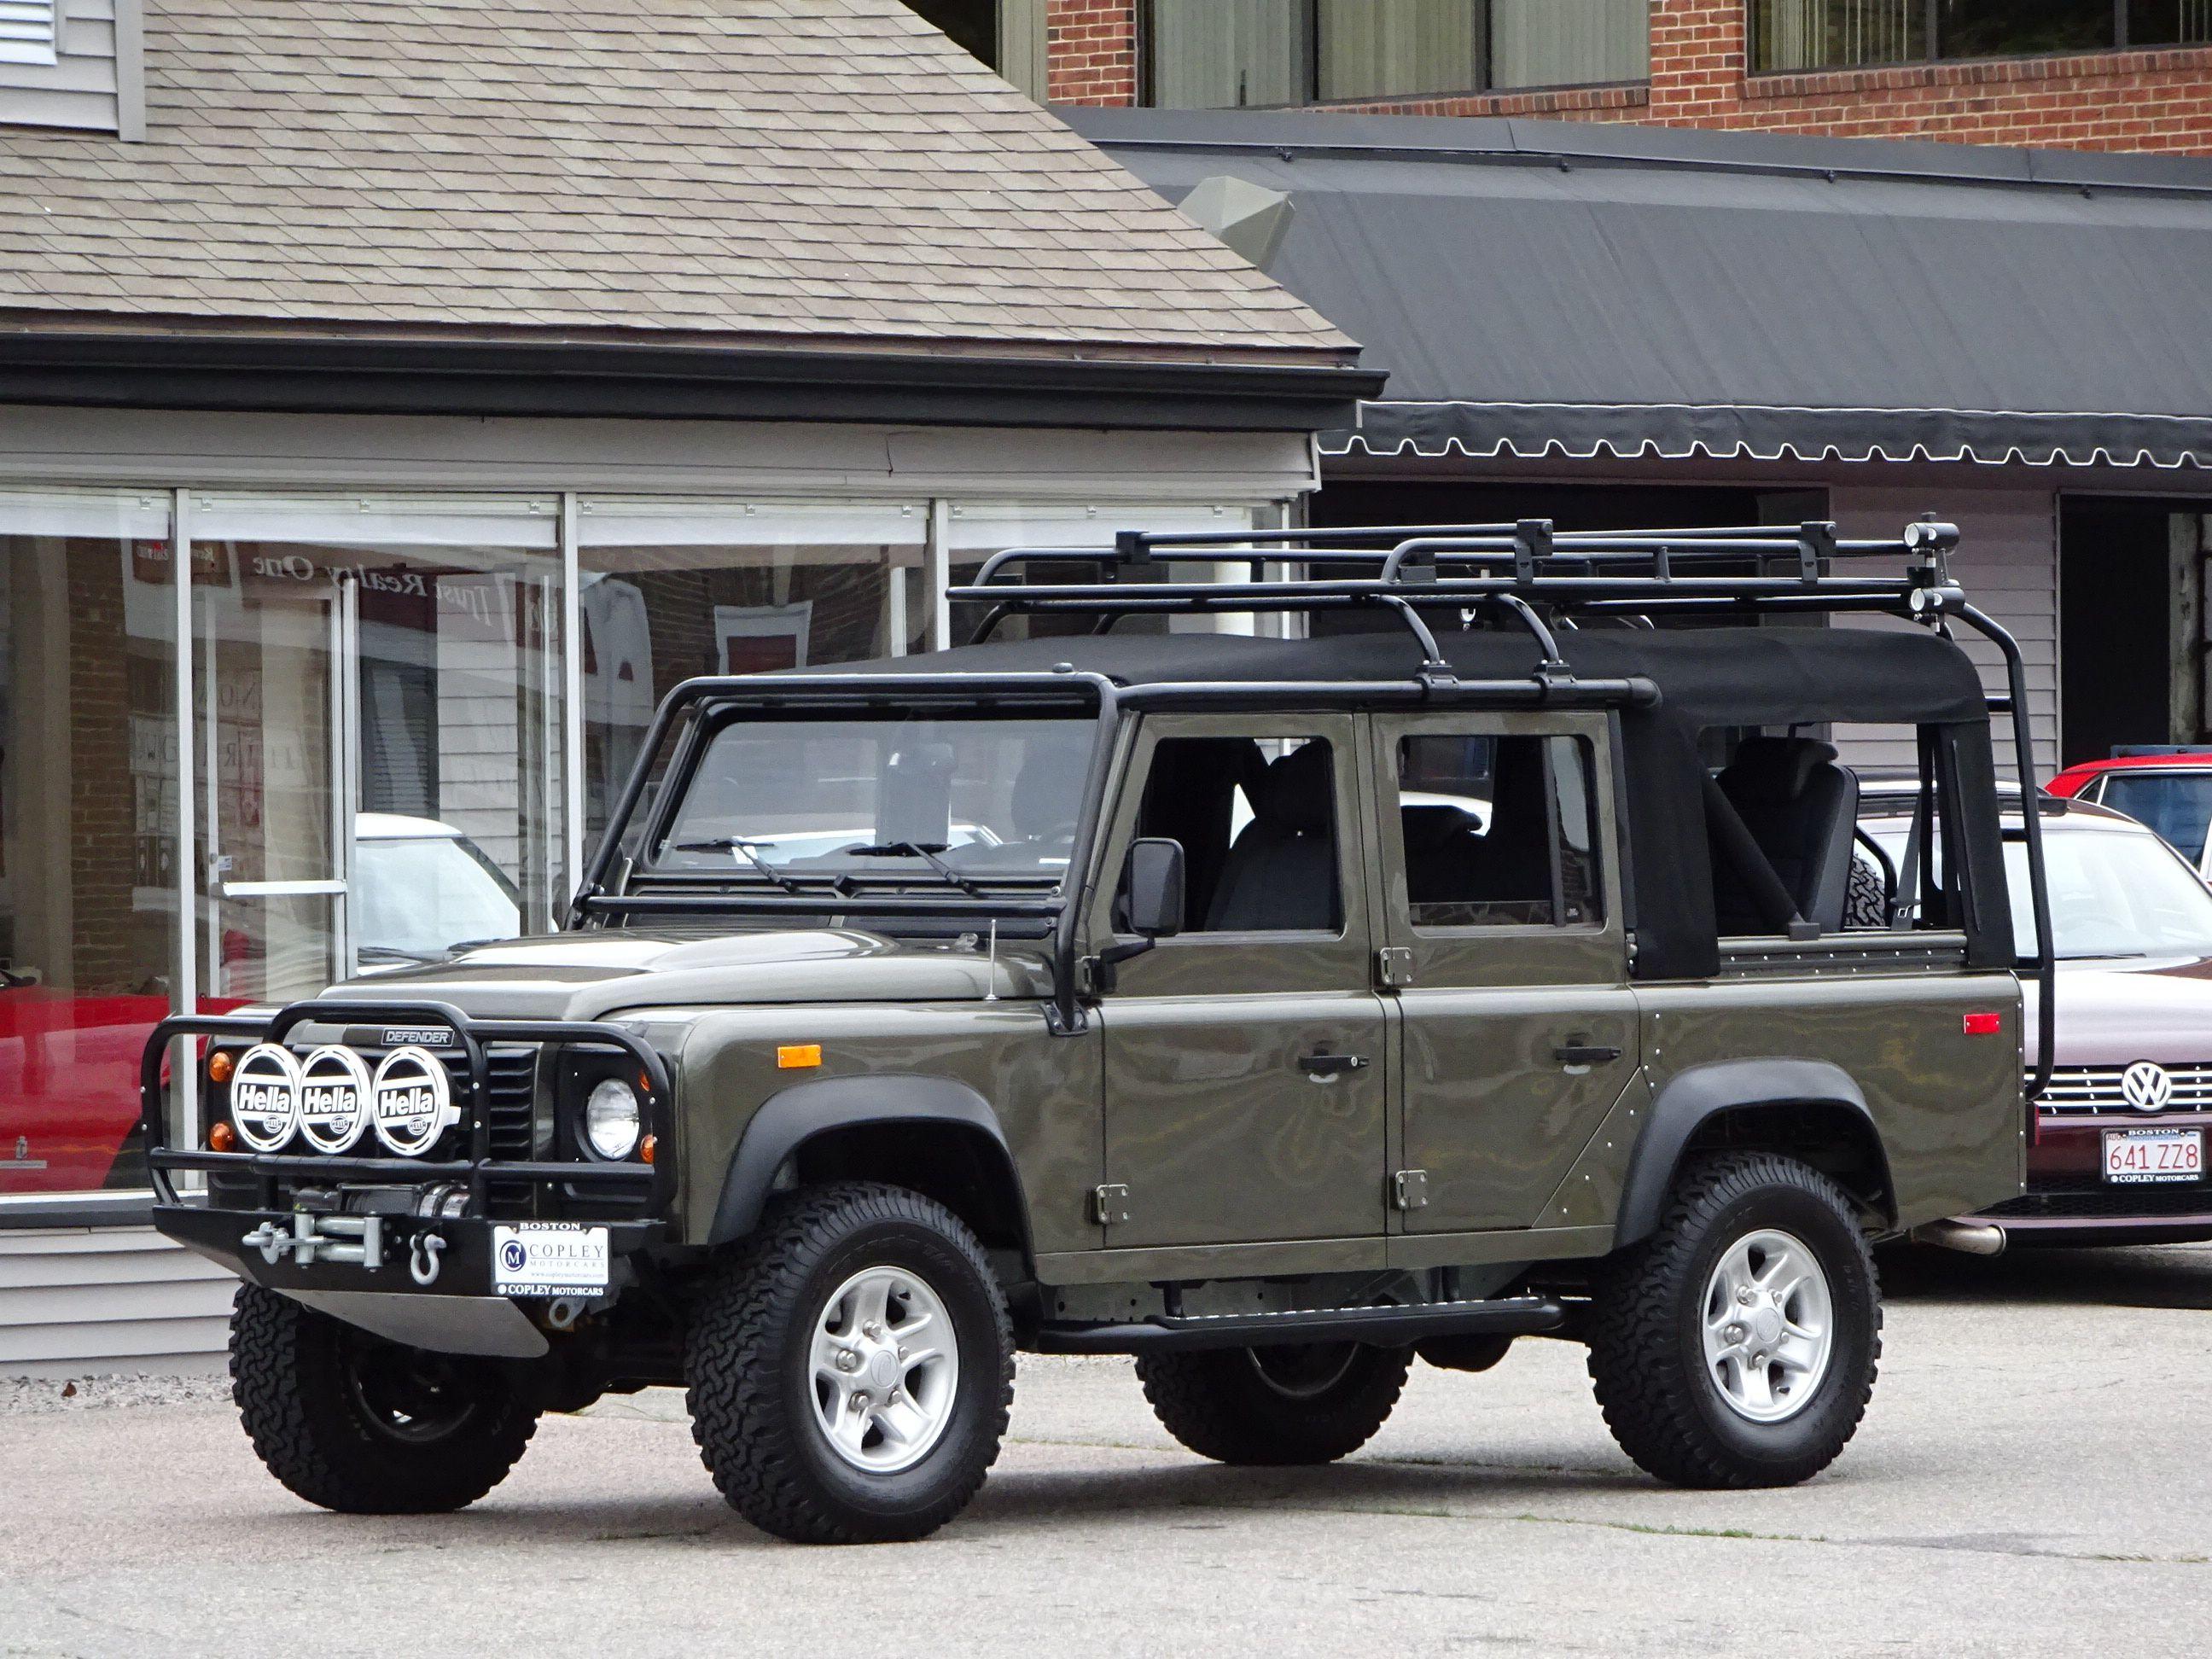 1993 Land Rover Nas Defender 110 Convertible Land Rover Land